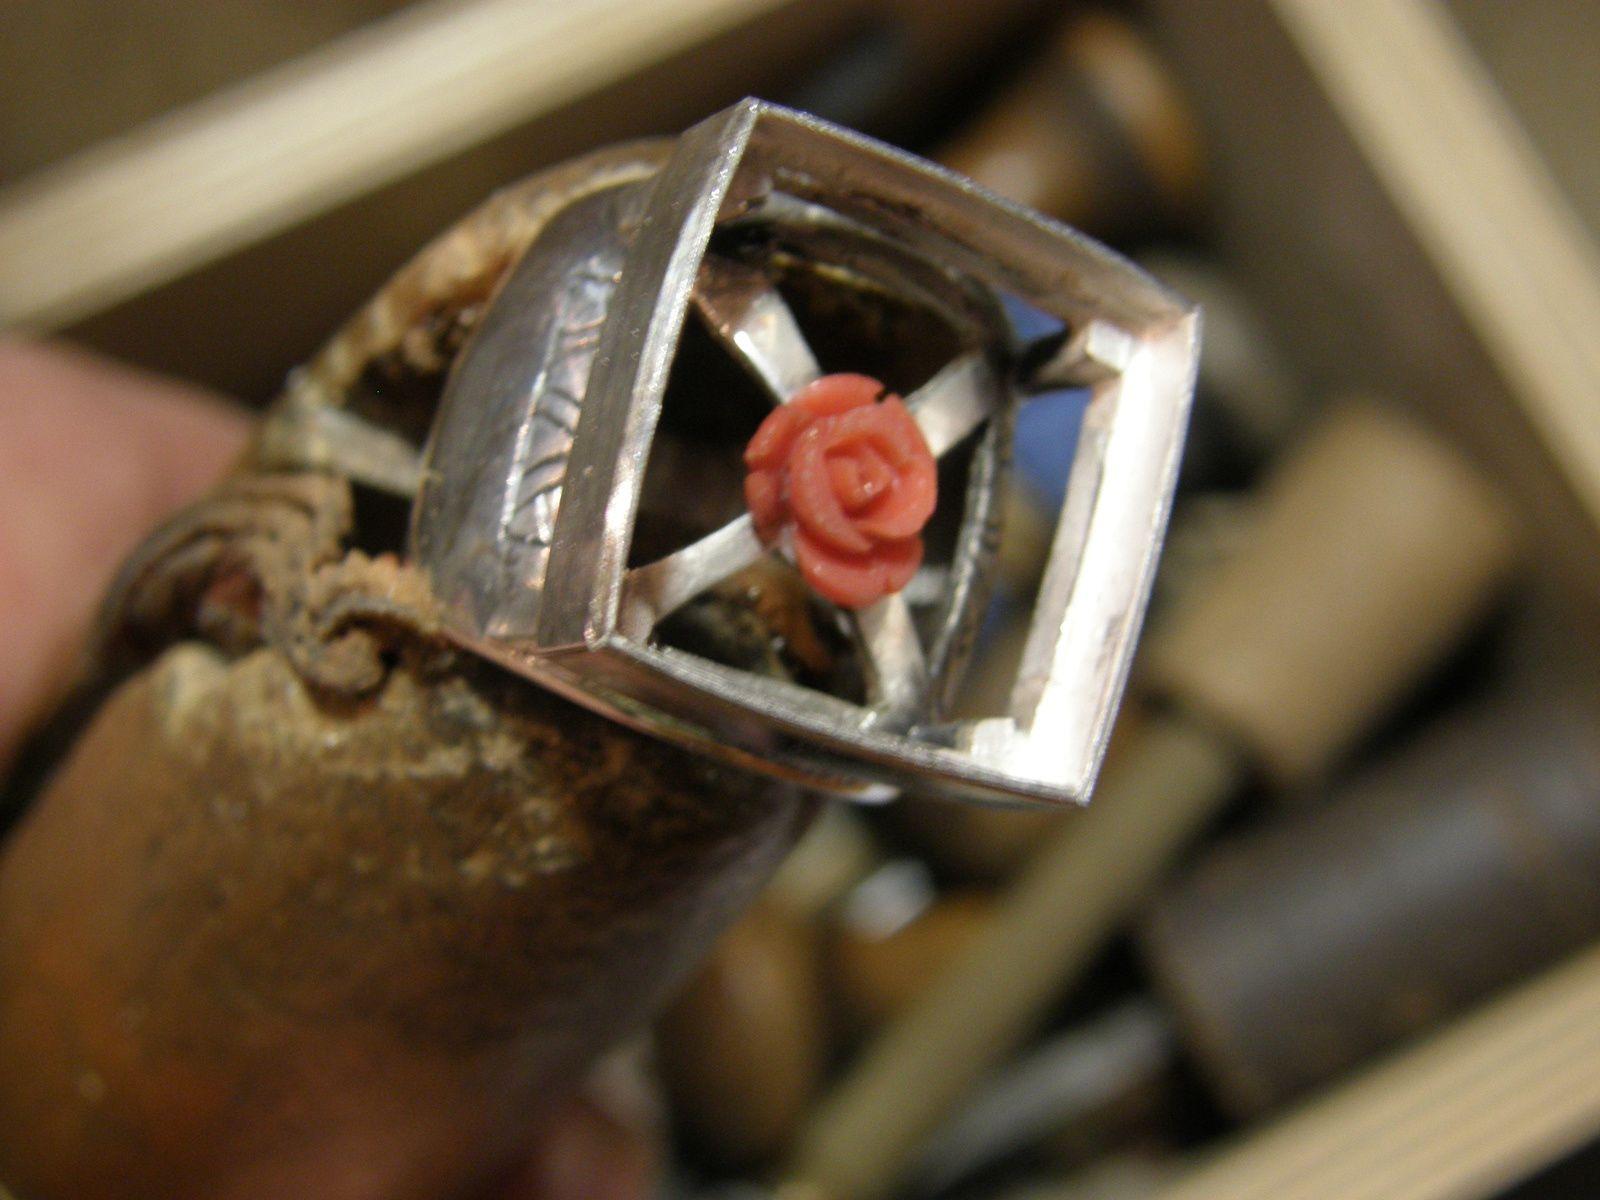 La monture avant le reperce&#x3B; la rose montee sur pivot&#x3B; la bague finie avec la rose en forme de croix.